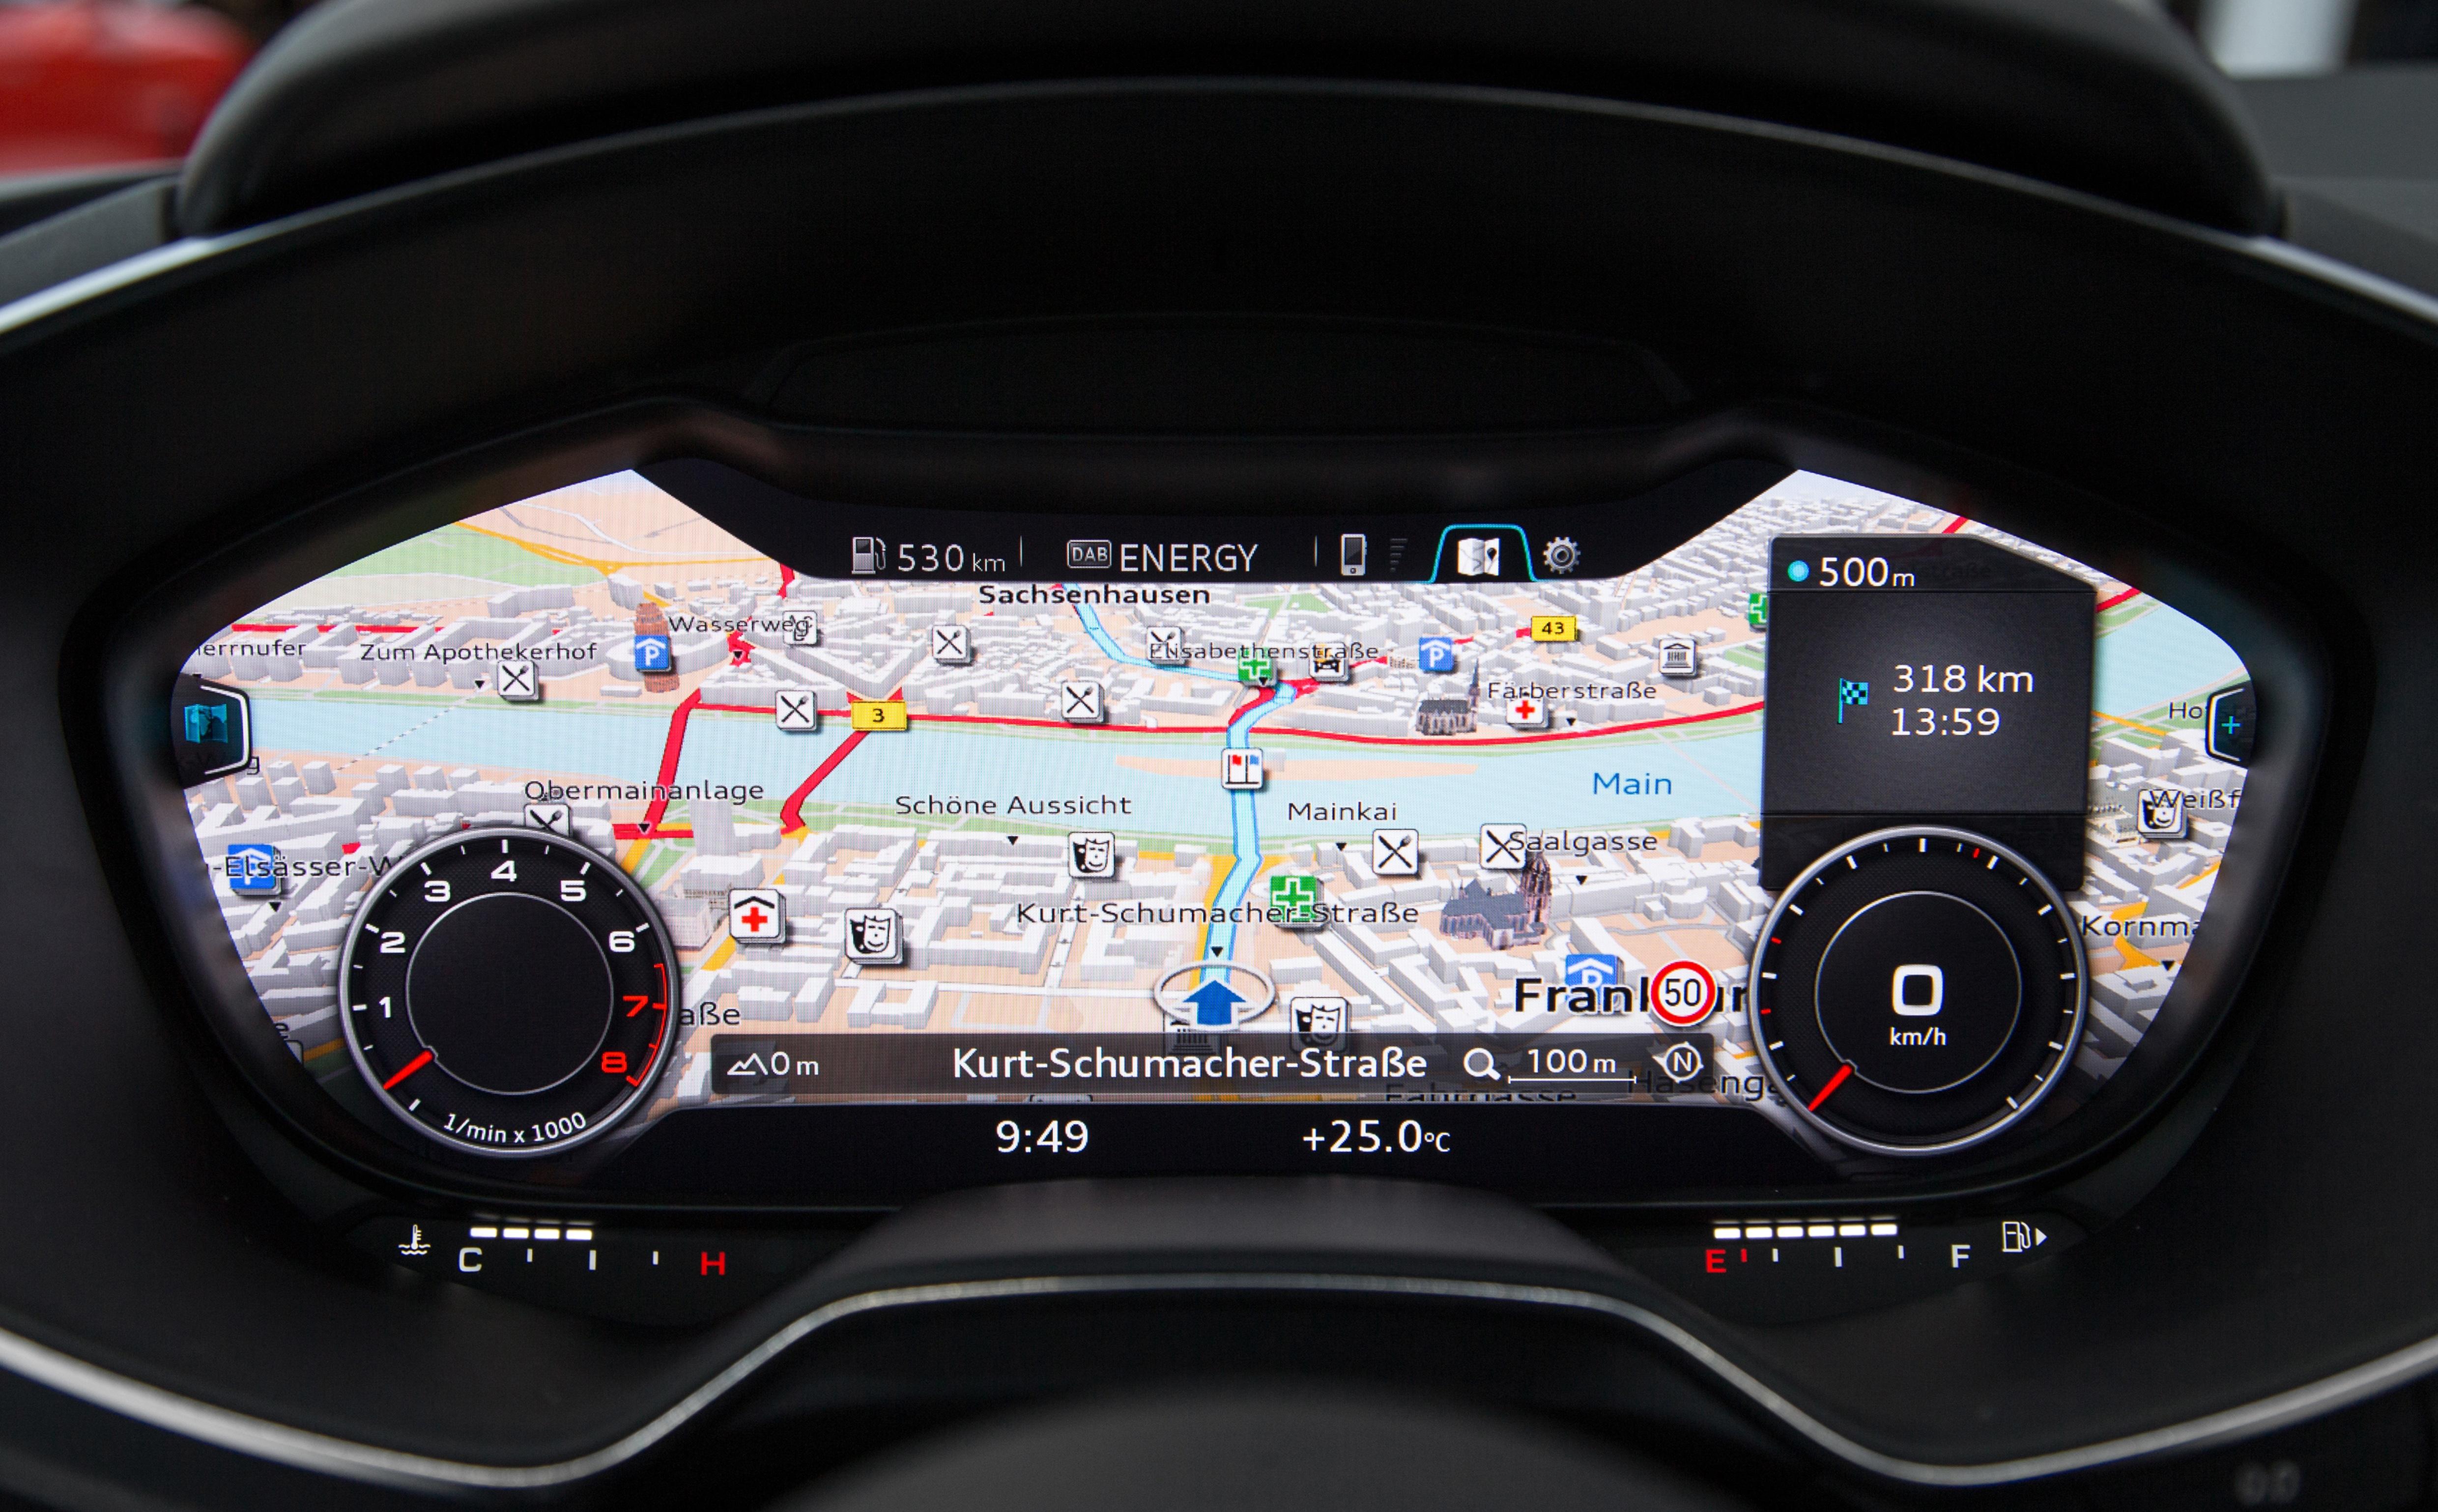 2015 Audi Tt Third Generation S Interior Revealed